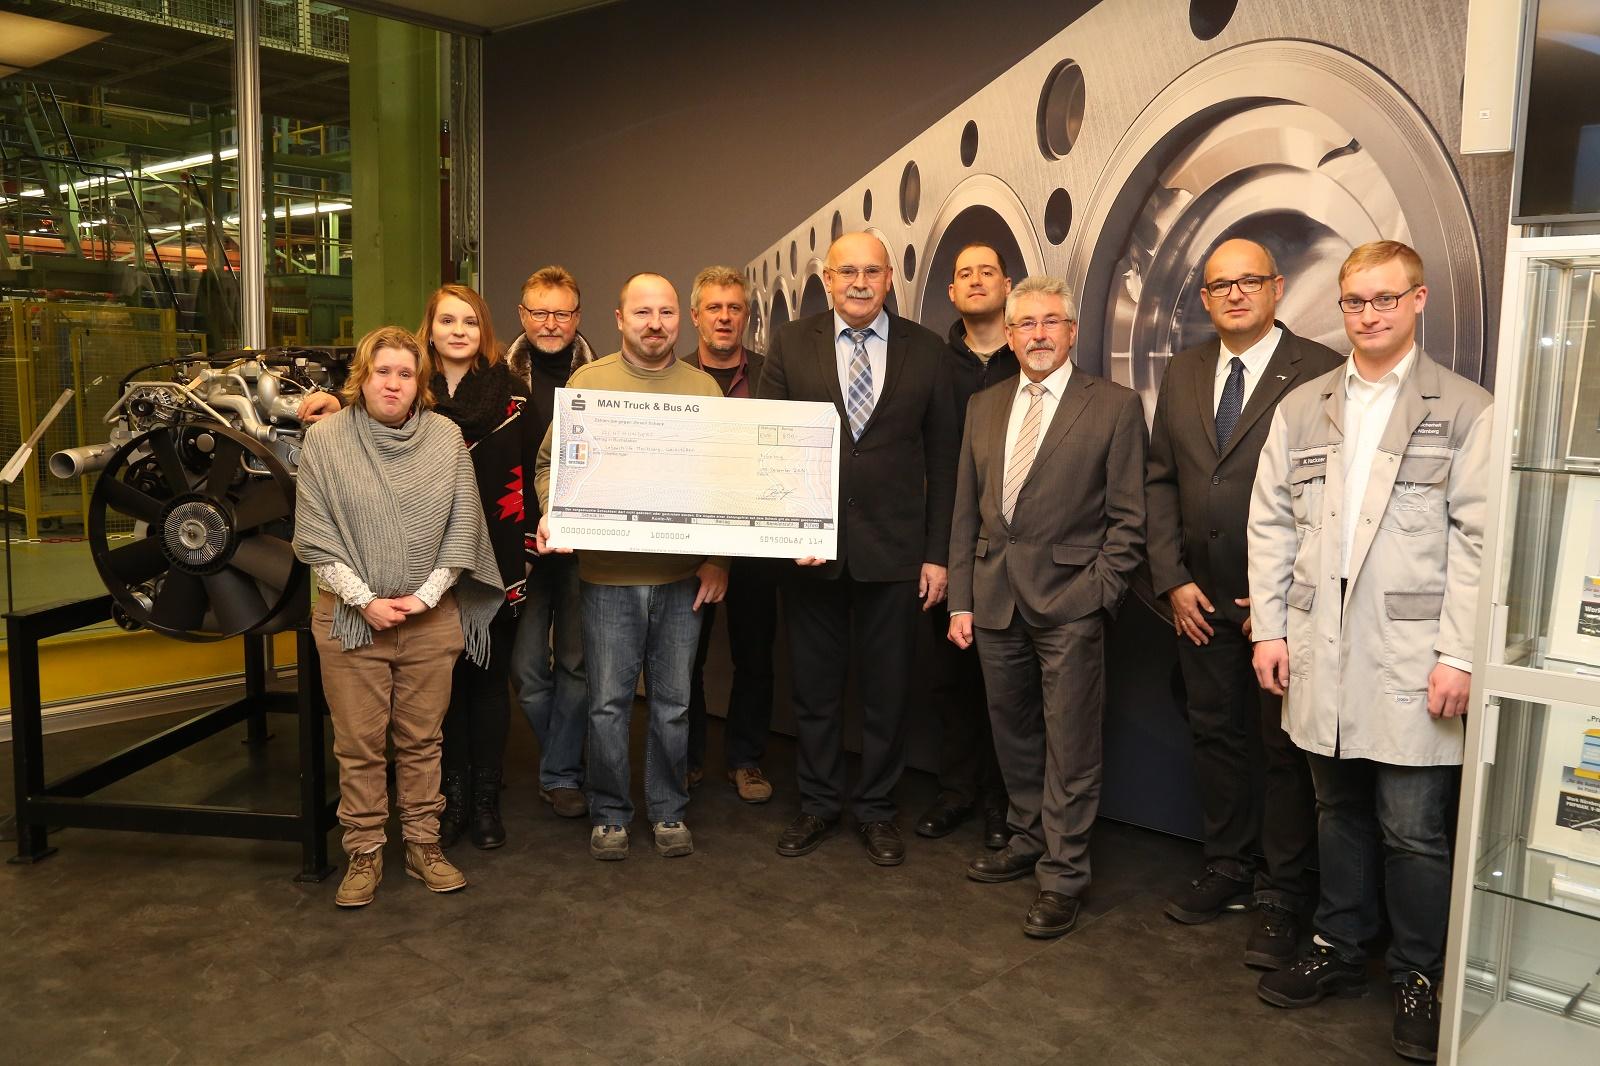 """Die MAN Nürnberg spendete das Preisgeld des Präventionspreises """"Schlauer Fuchs"""" der Berufsgenossenschaft Holz und Metall. Ausgezeichnet wurde die MAN Nürnberg für ihr ganzheitliches FFZ- und Kran-Schulungskonzept: """"Gemeinsam haben wir den Preis gewonnen,"""